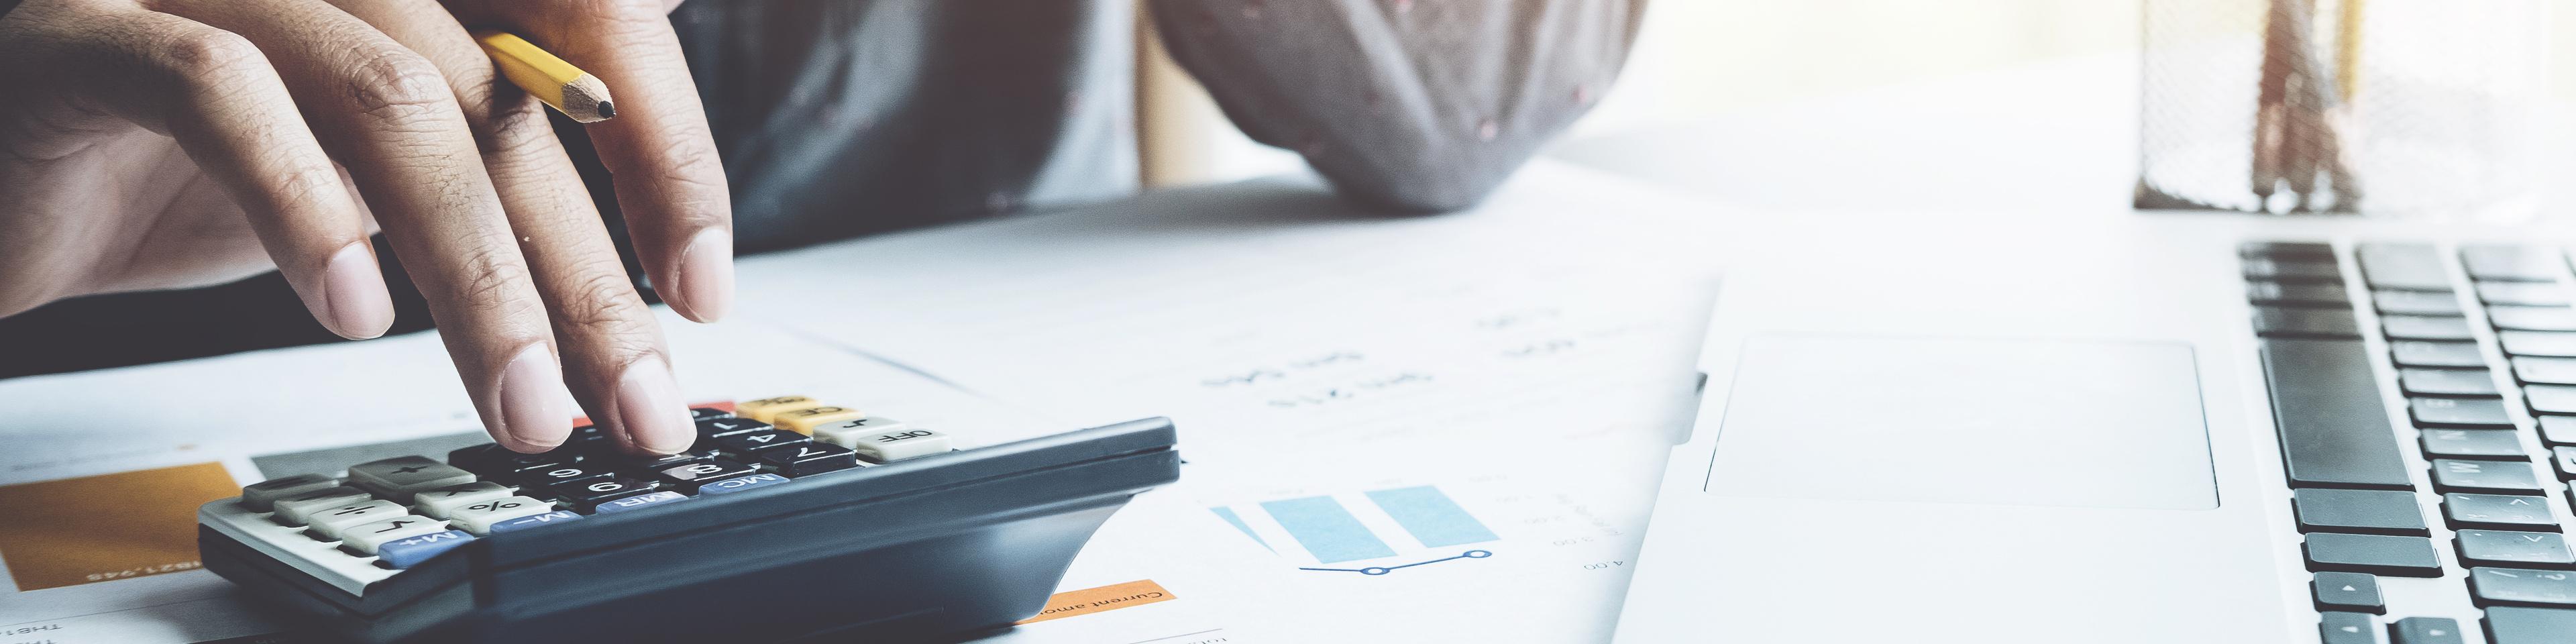 LSG: Auszahlungen aus dem Regelbedarf an Dritte nur im wohlverstandenen Interesse